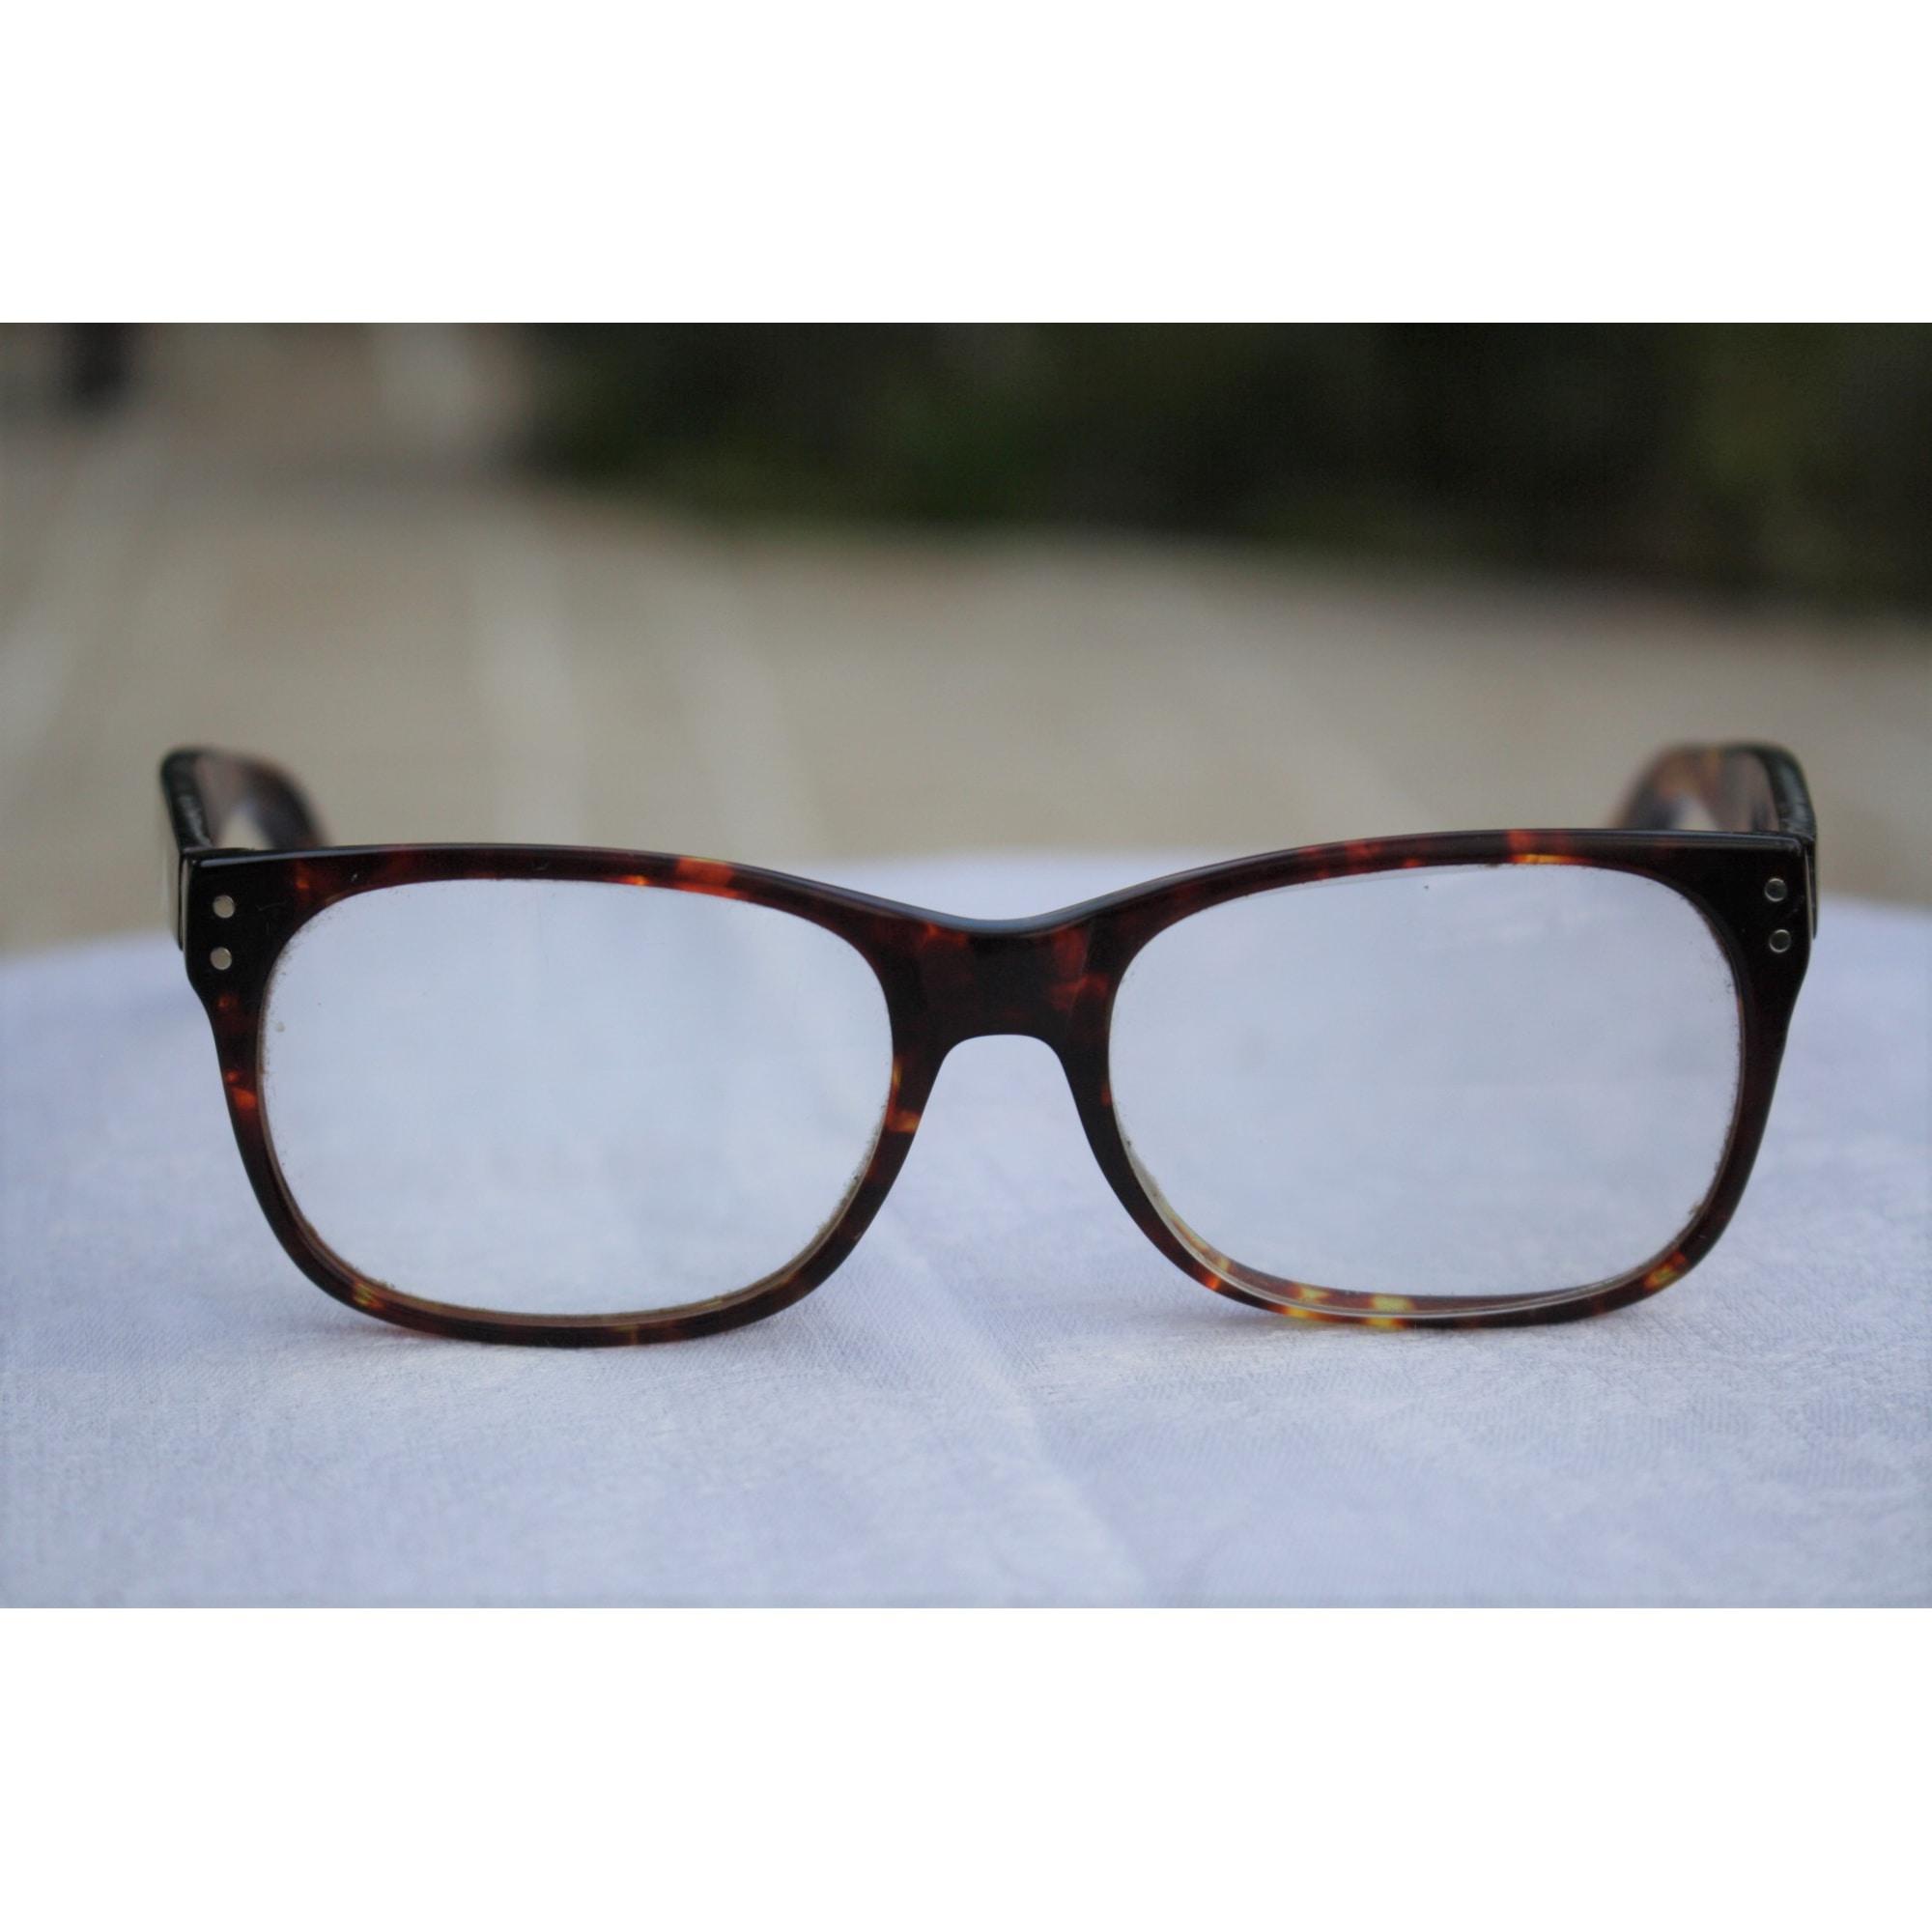 17e54d59da6123 Monture de lunettes JLC imprimés animaliers - 6238369